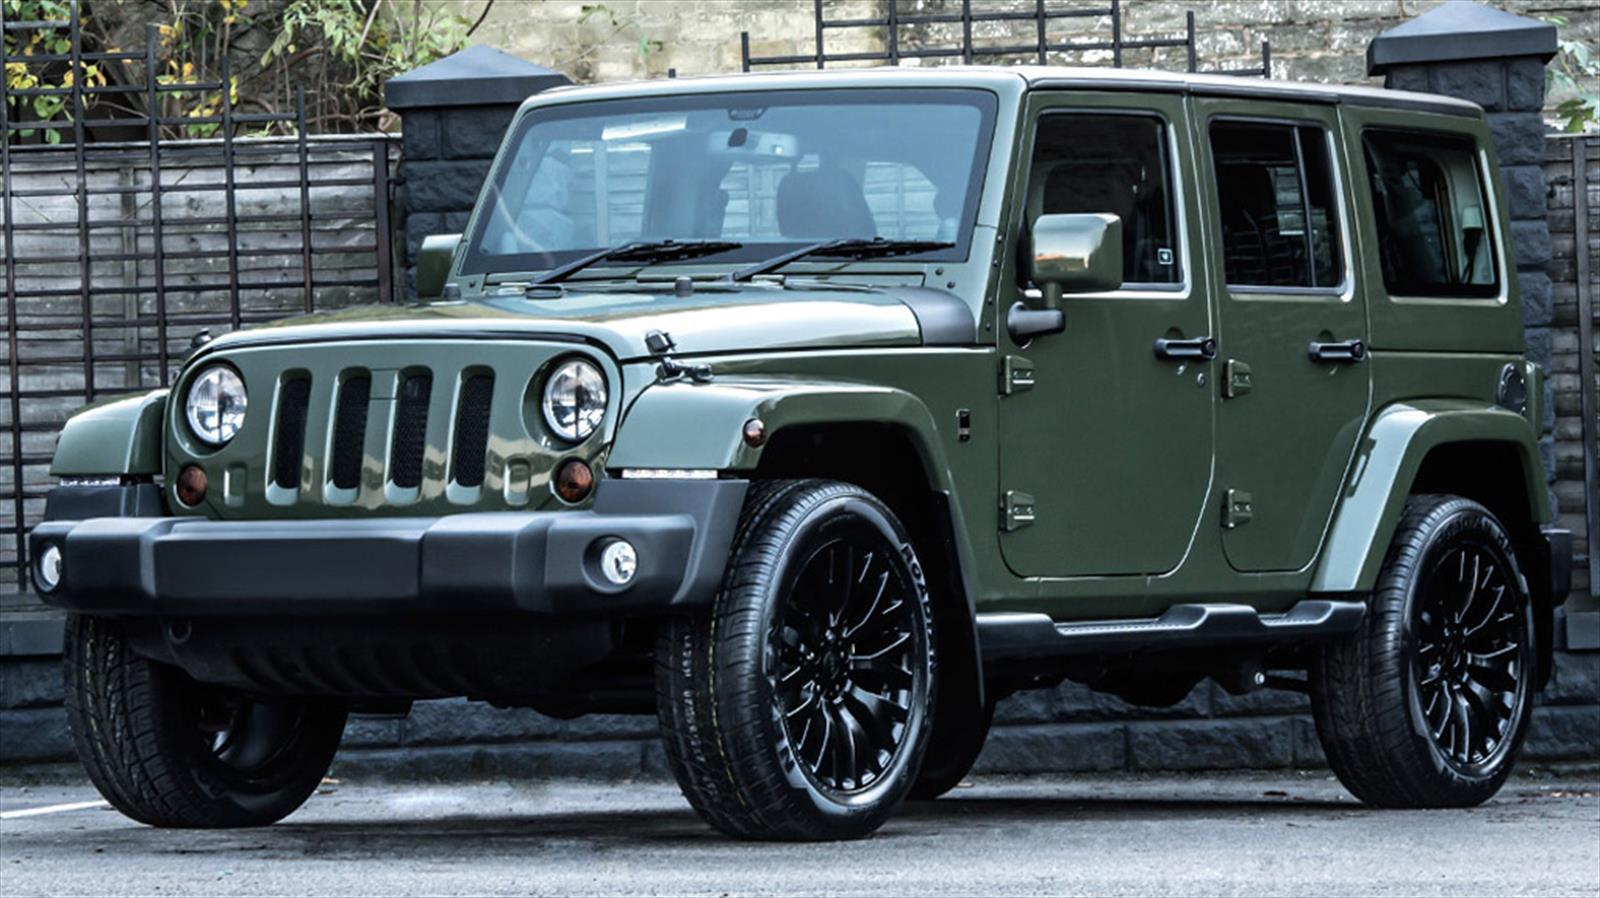 Jeep Wrangler Sahara Chelsea Truck Company Apariencia 100